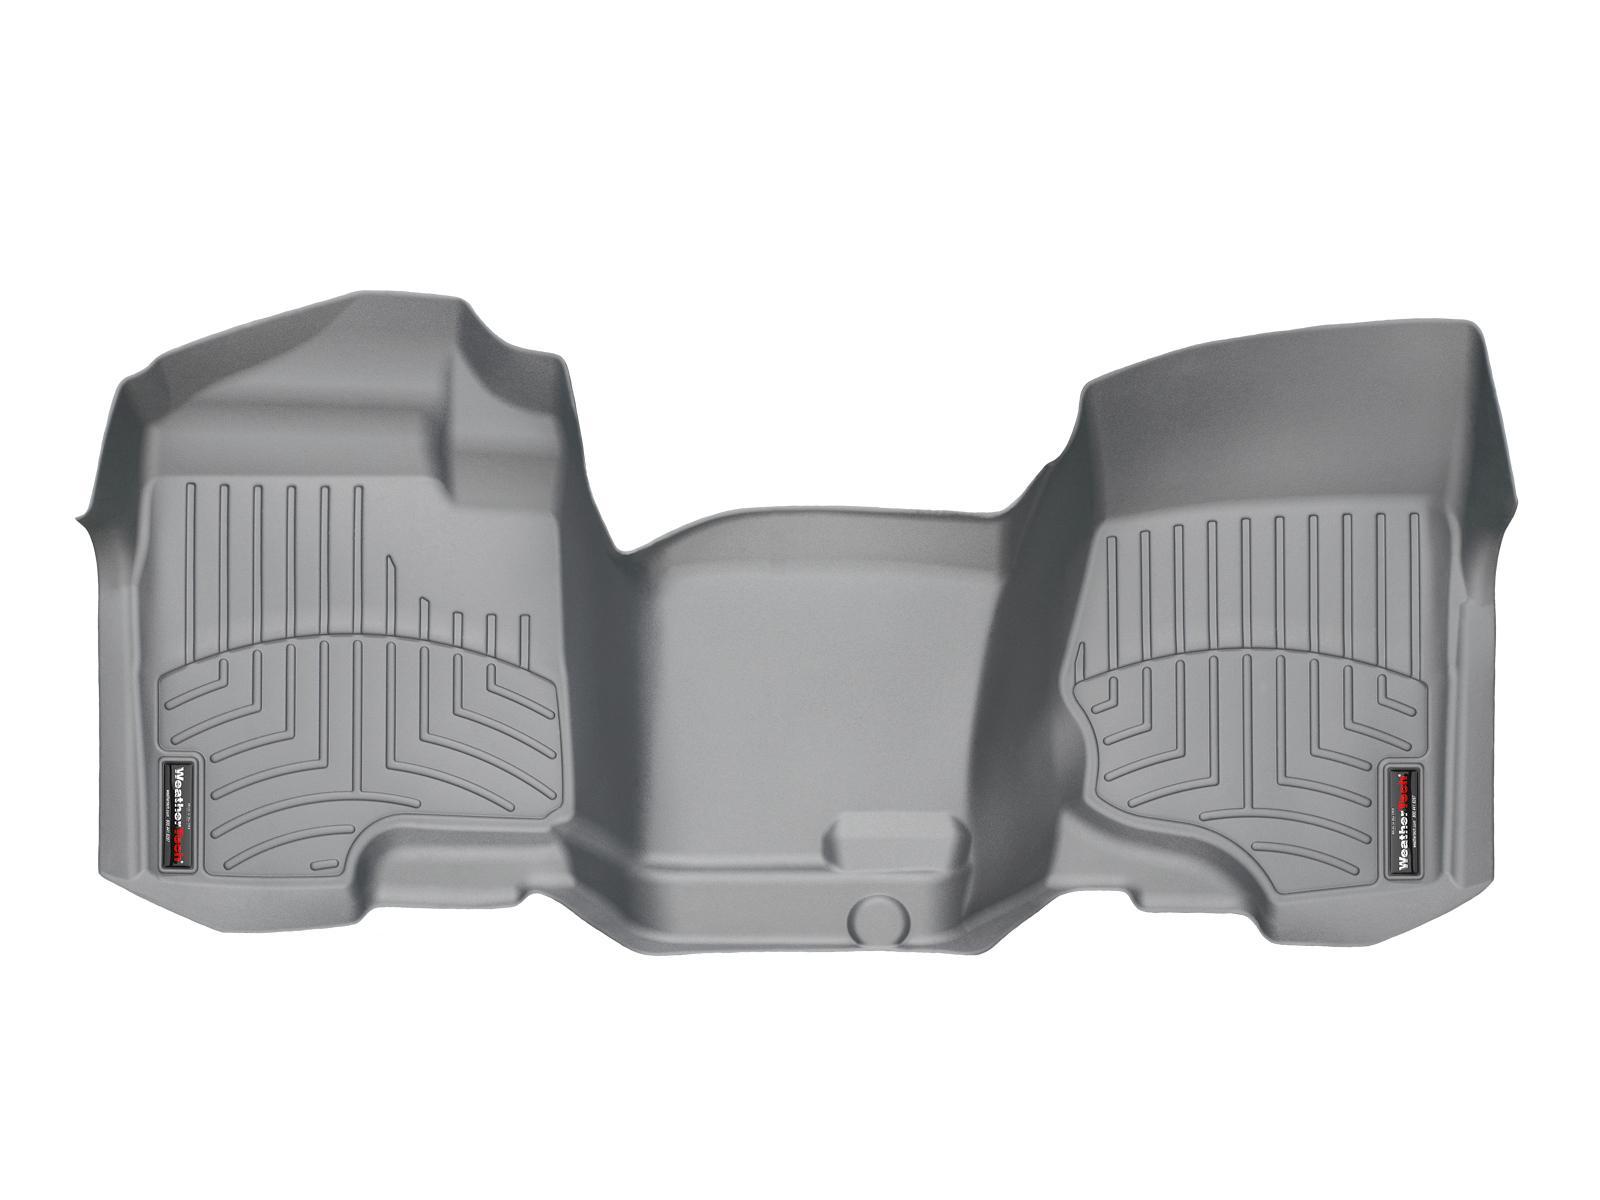 Tappeti gomma su misura bordo alto Chevrolet Silverado 07>07 Grigio A160